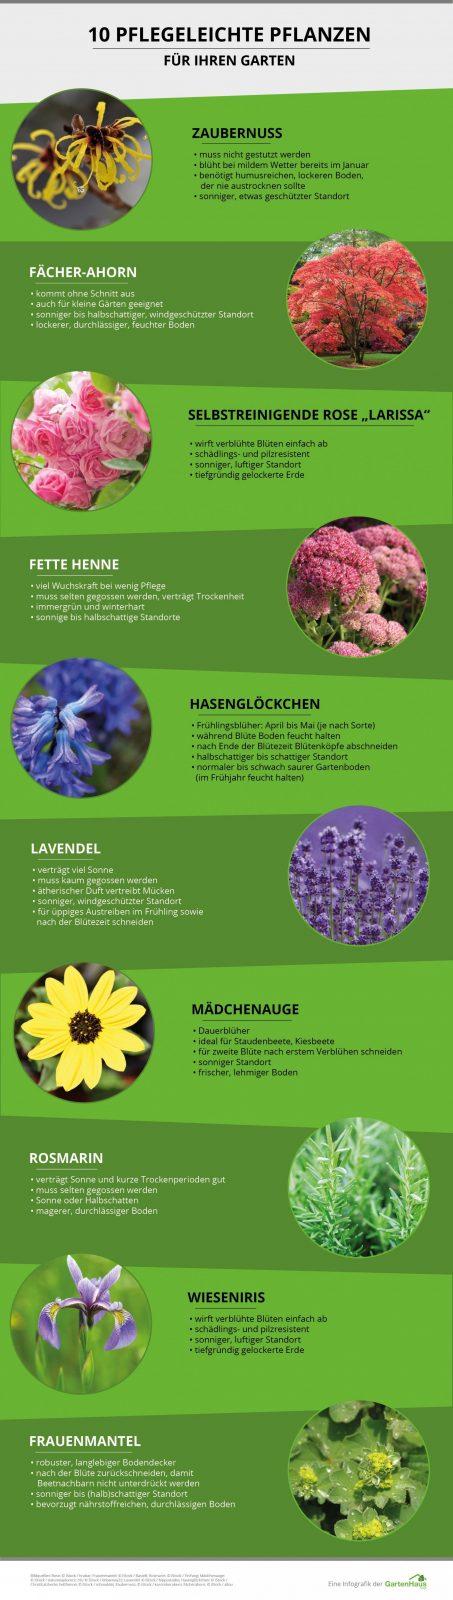 Pflegeleichter Garten Die Besten Tipps Zu Pflanzen Möbeln & Co von Pflegeleichte Pflanzen Für Den Vorgarten Bild